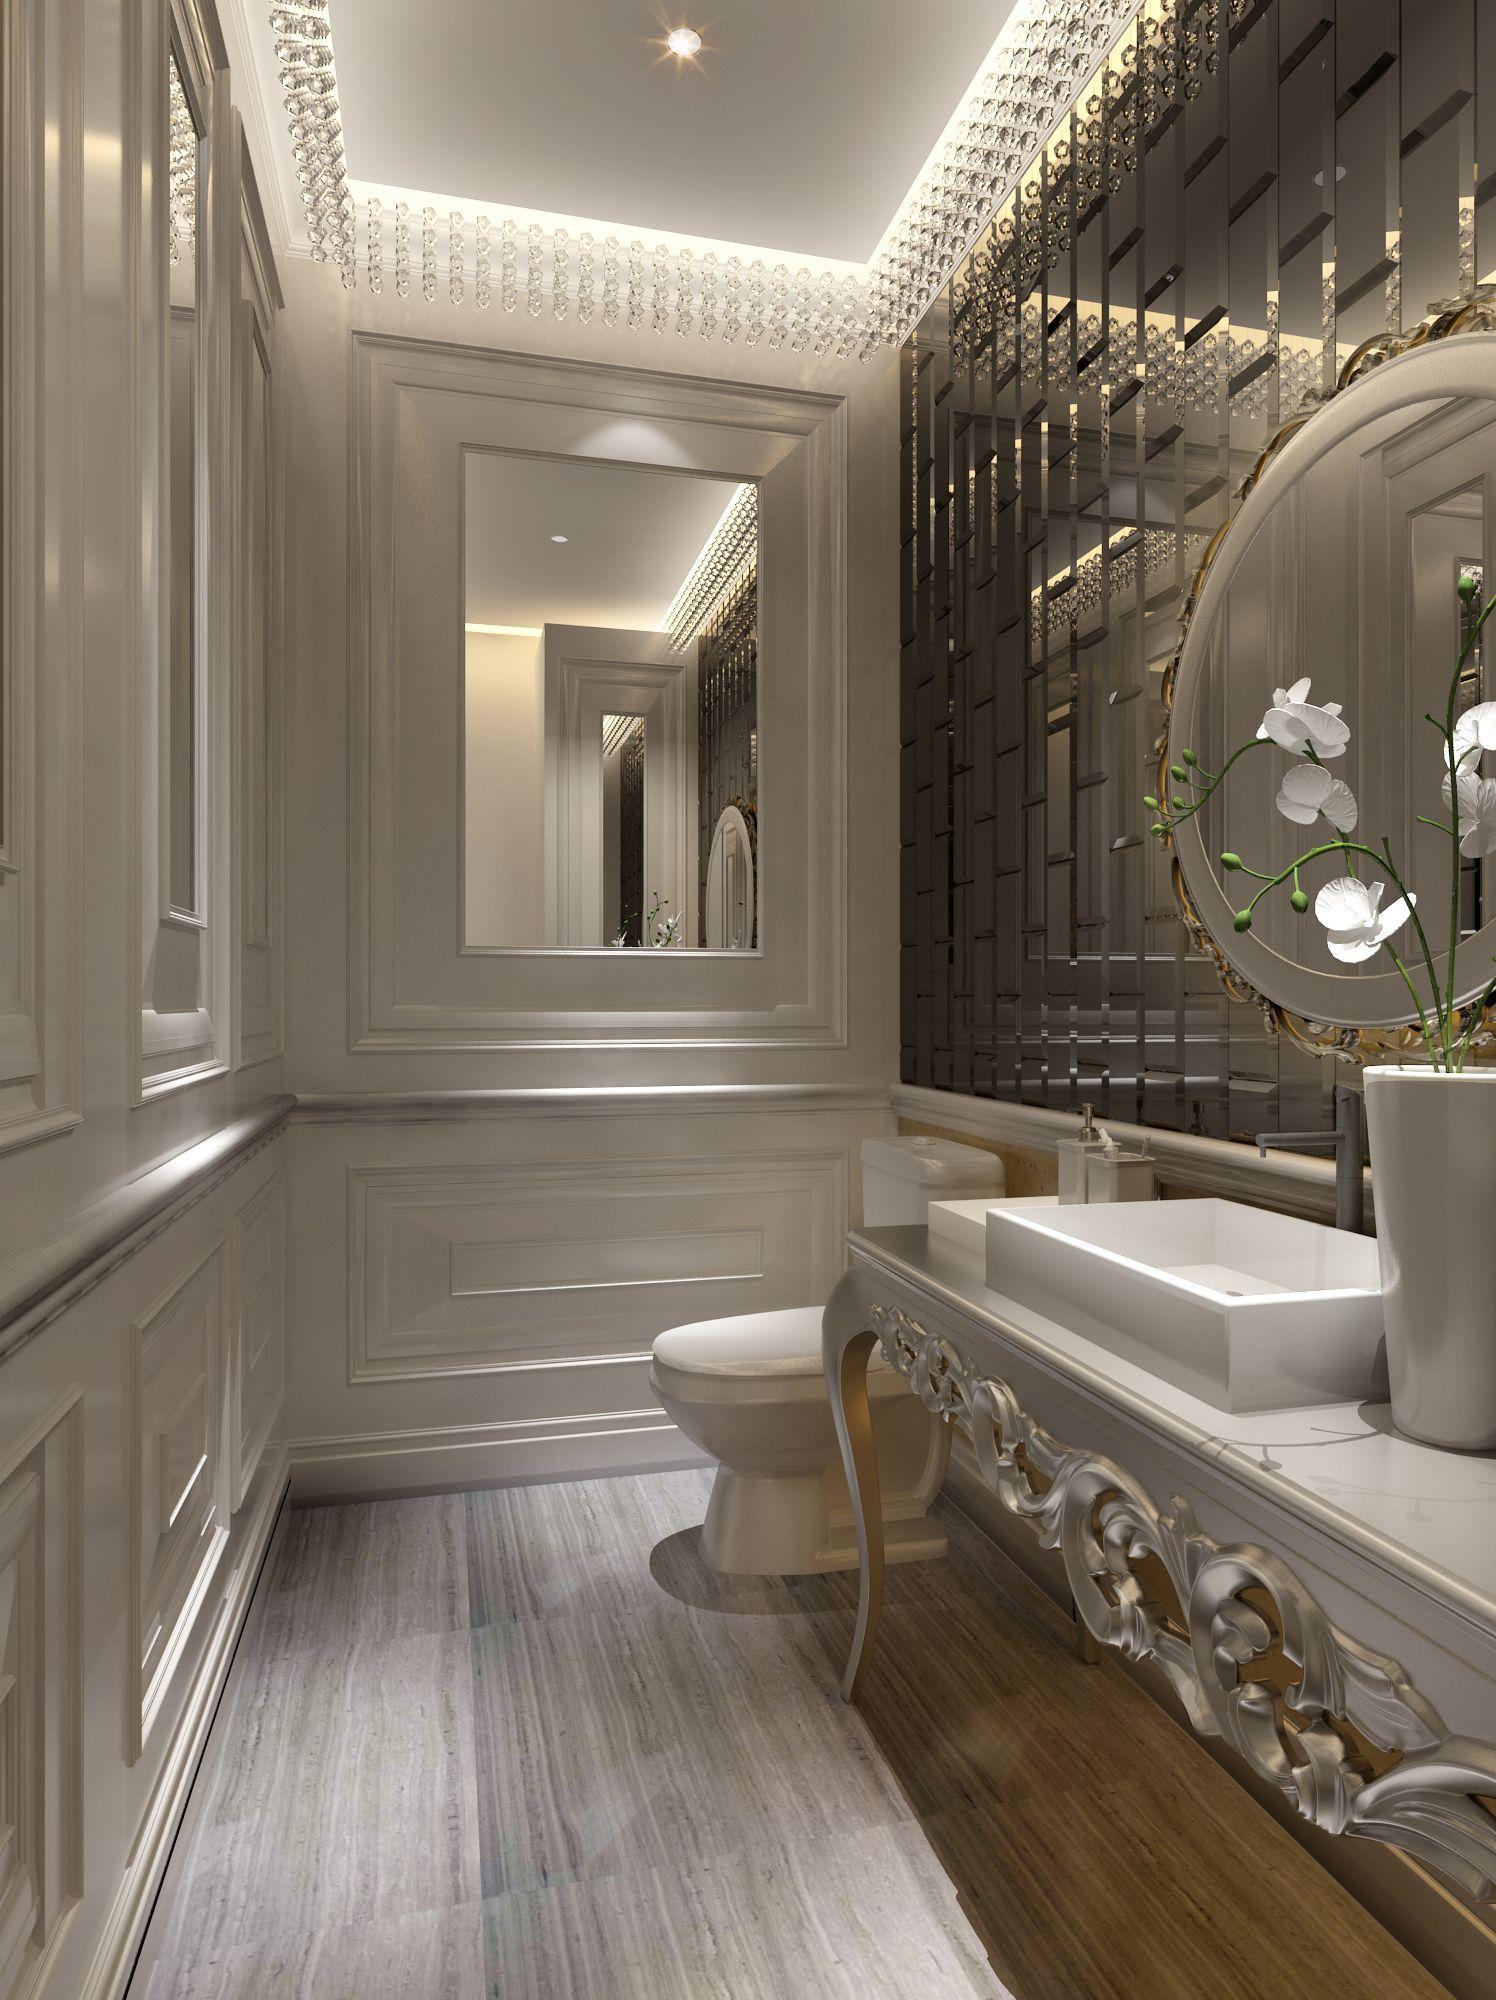 bathroom designs - Bathroom Designs Usa